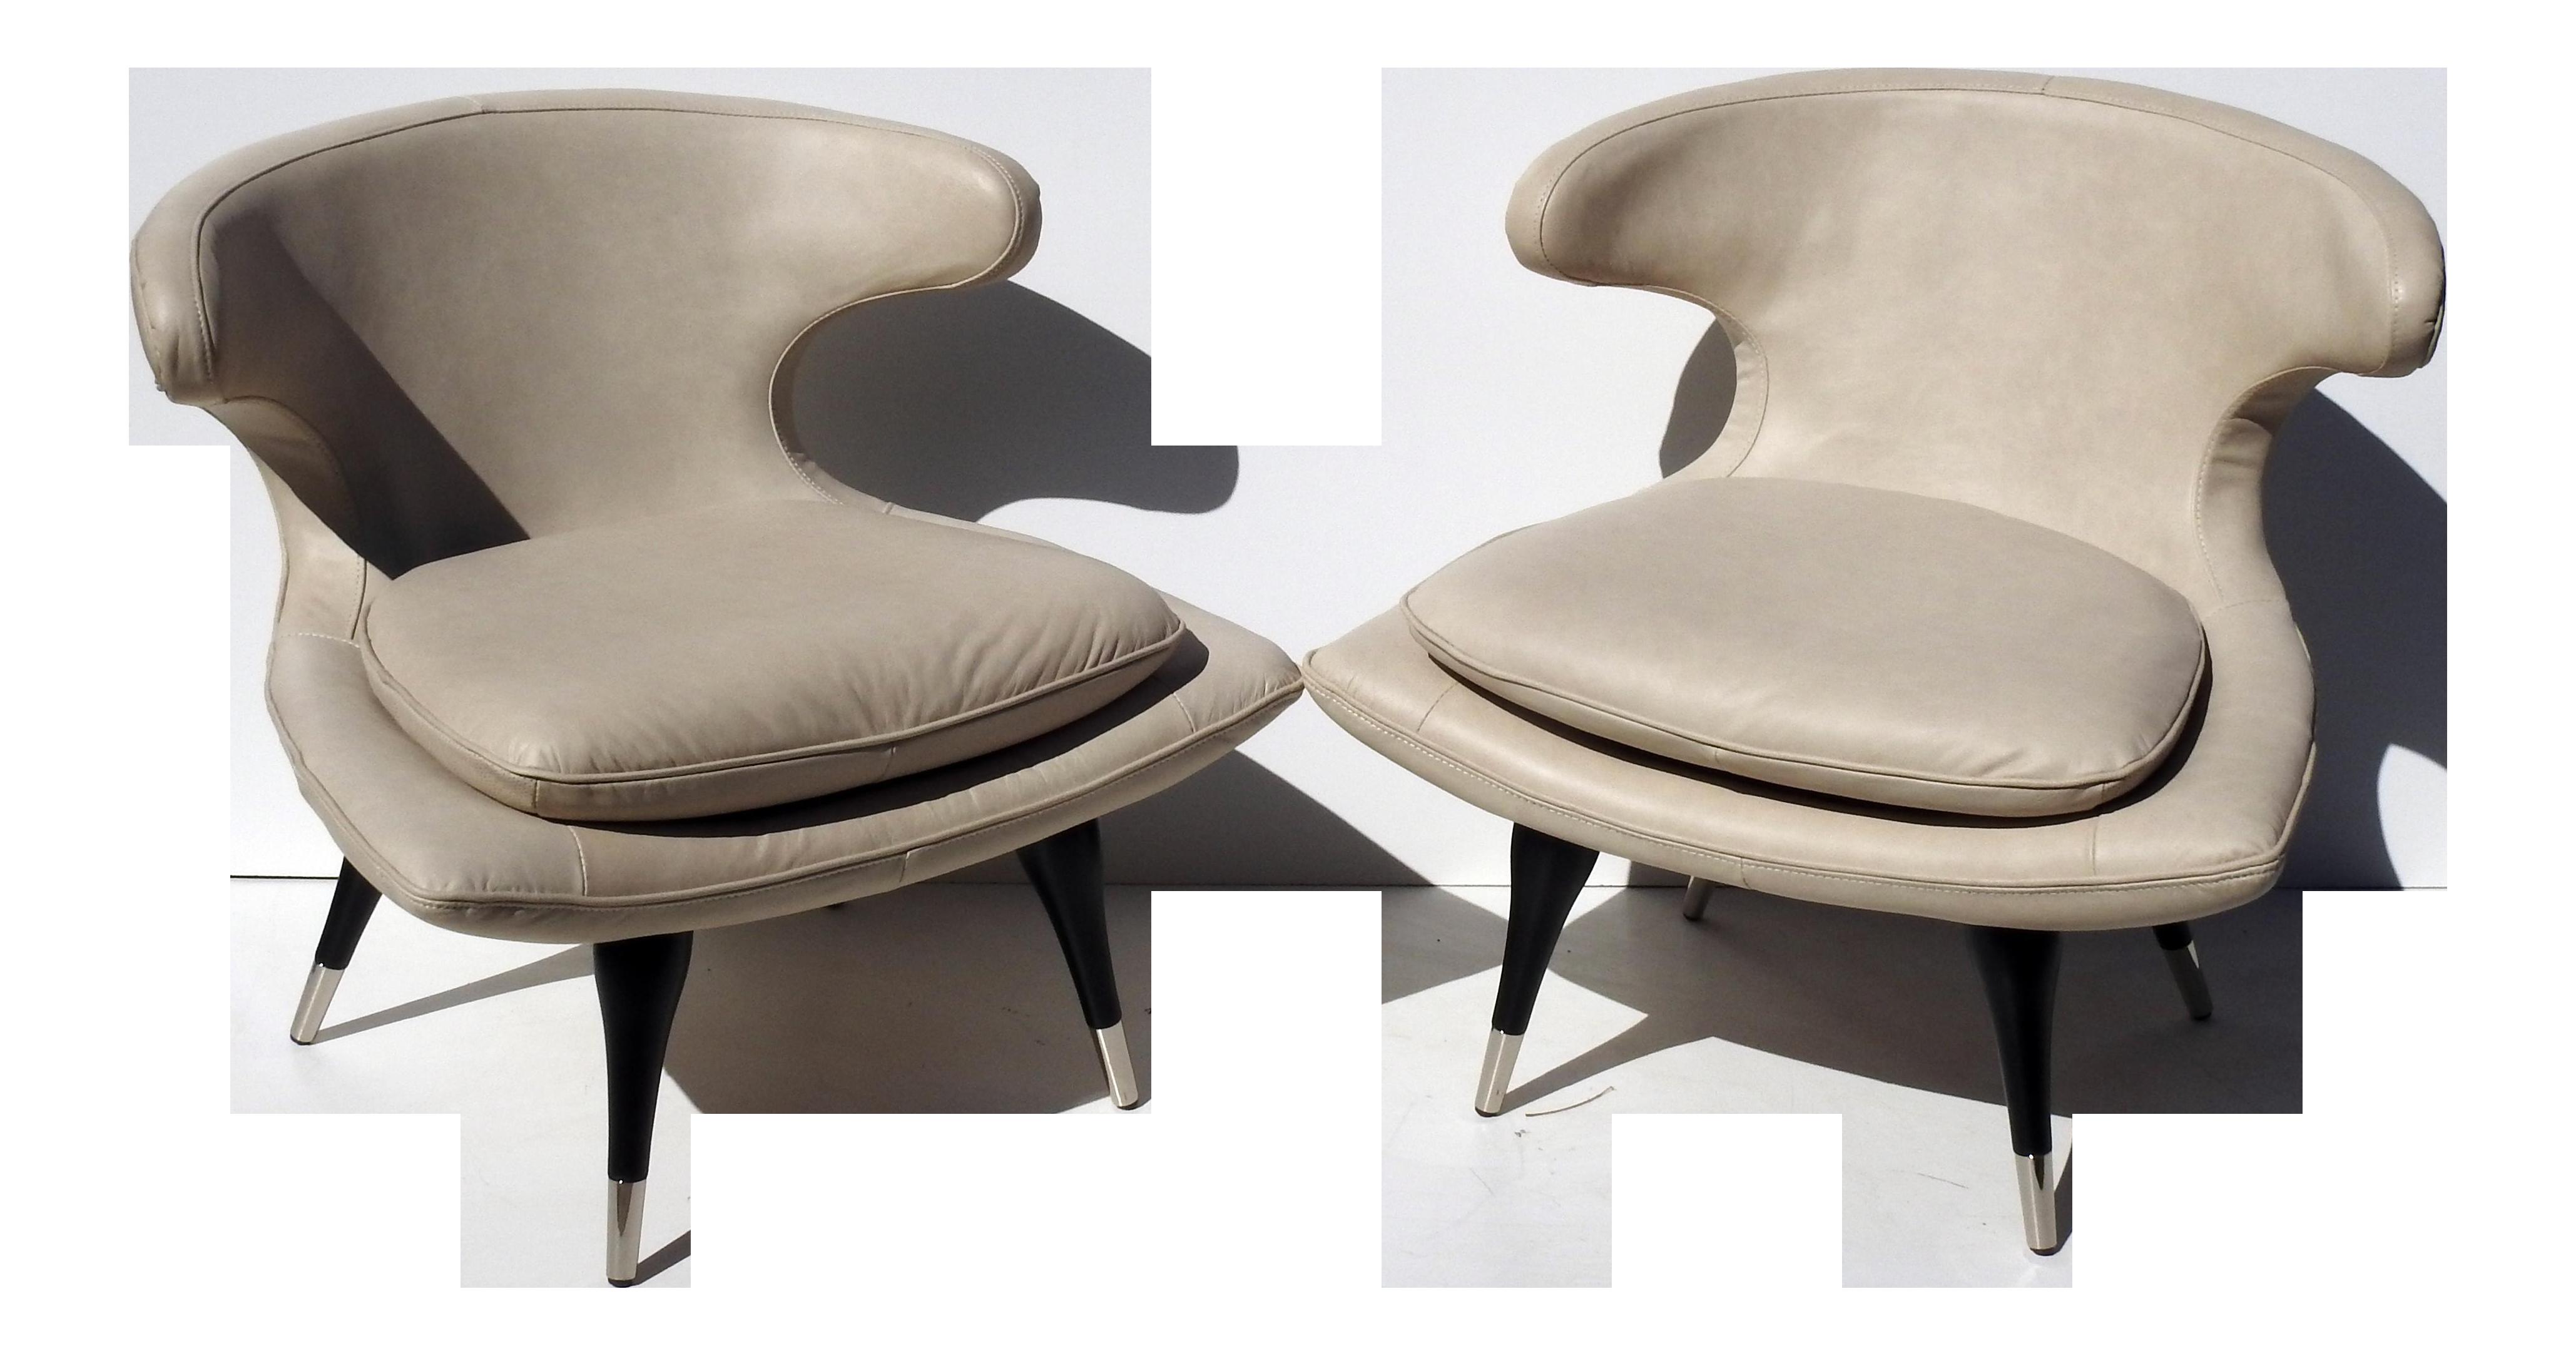 Antique slipper chair - Karpen Style Sculptural Horn Chairs A Pair